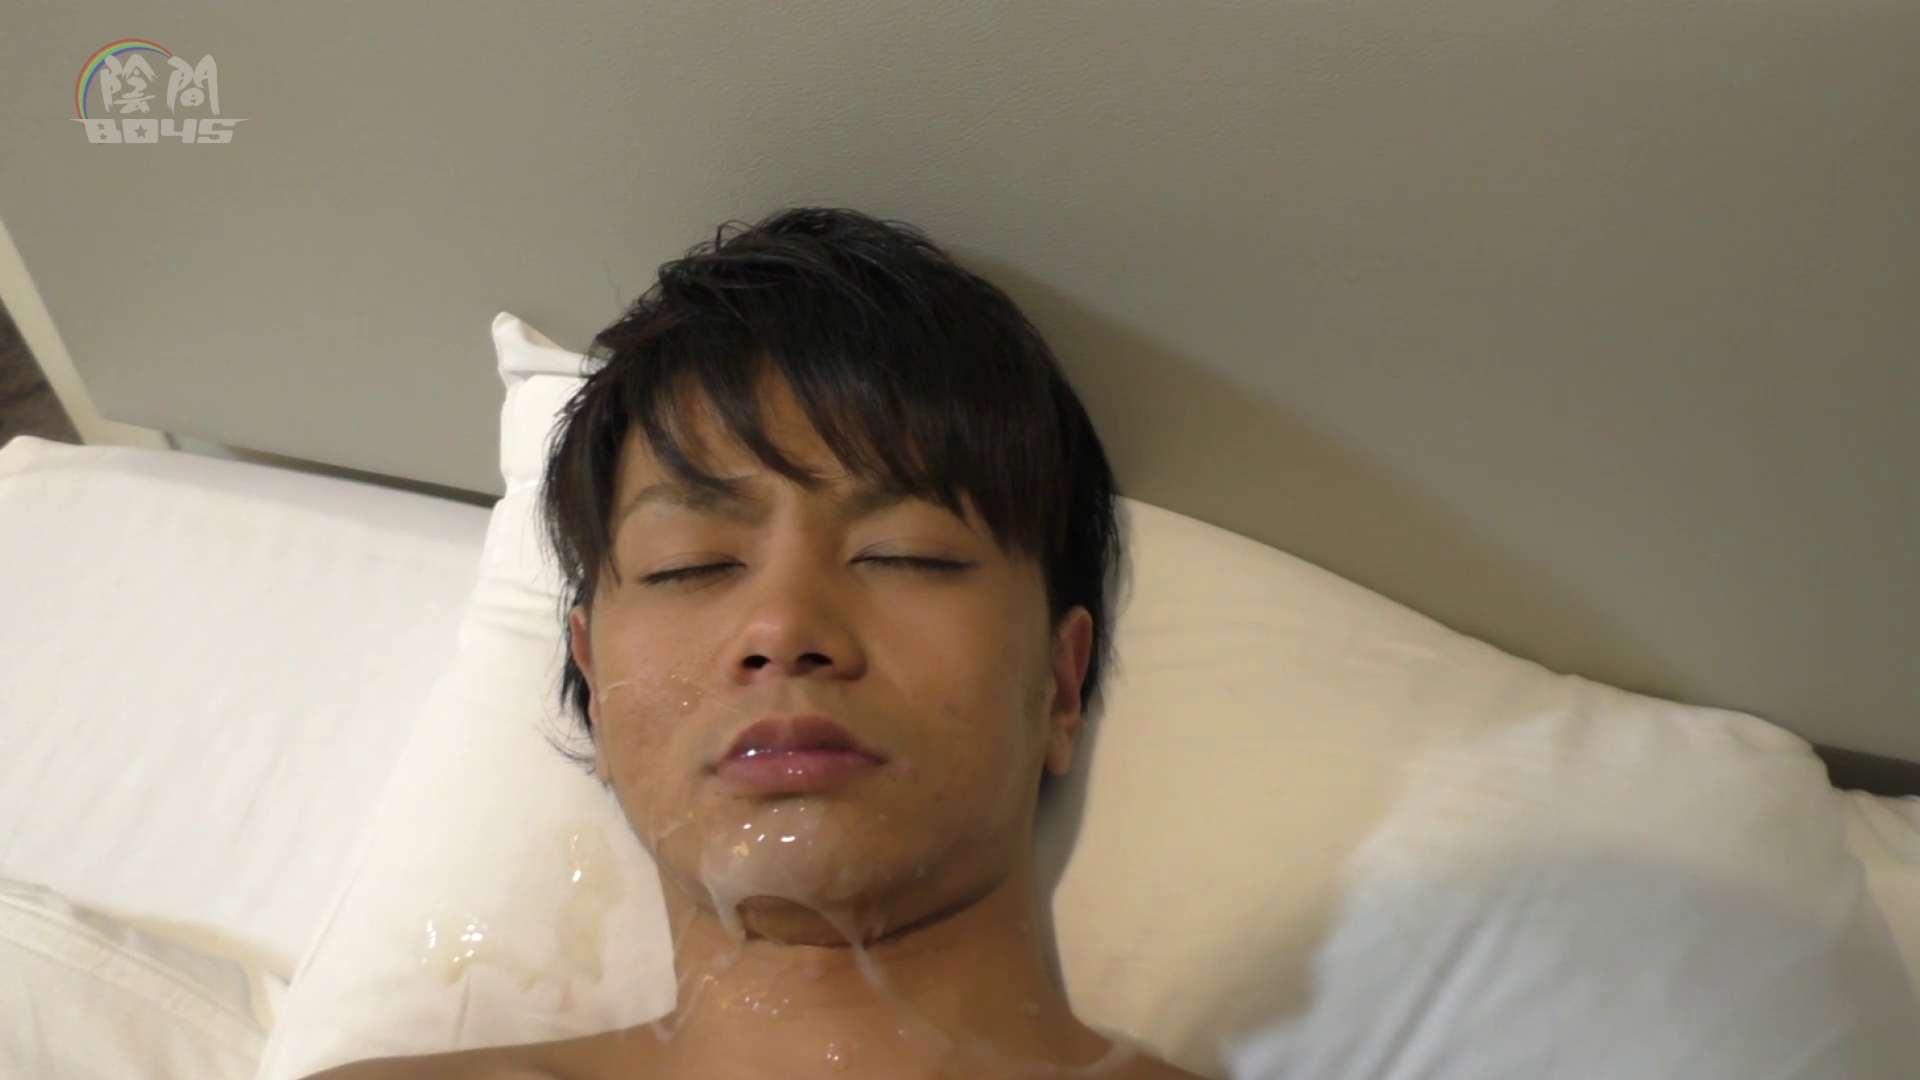 キャバクラの仕事はアナルから6  ~アナルの囁き~Vol.02 オナニー  76pic 54